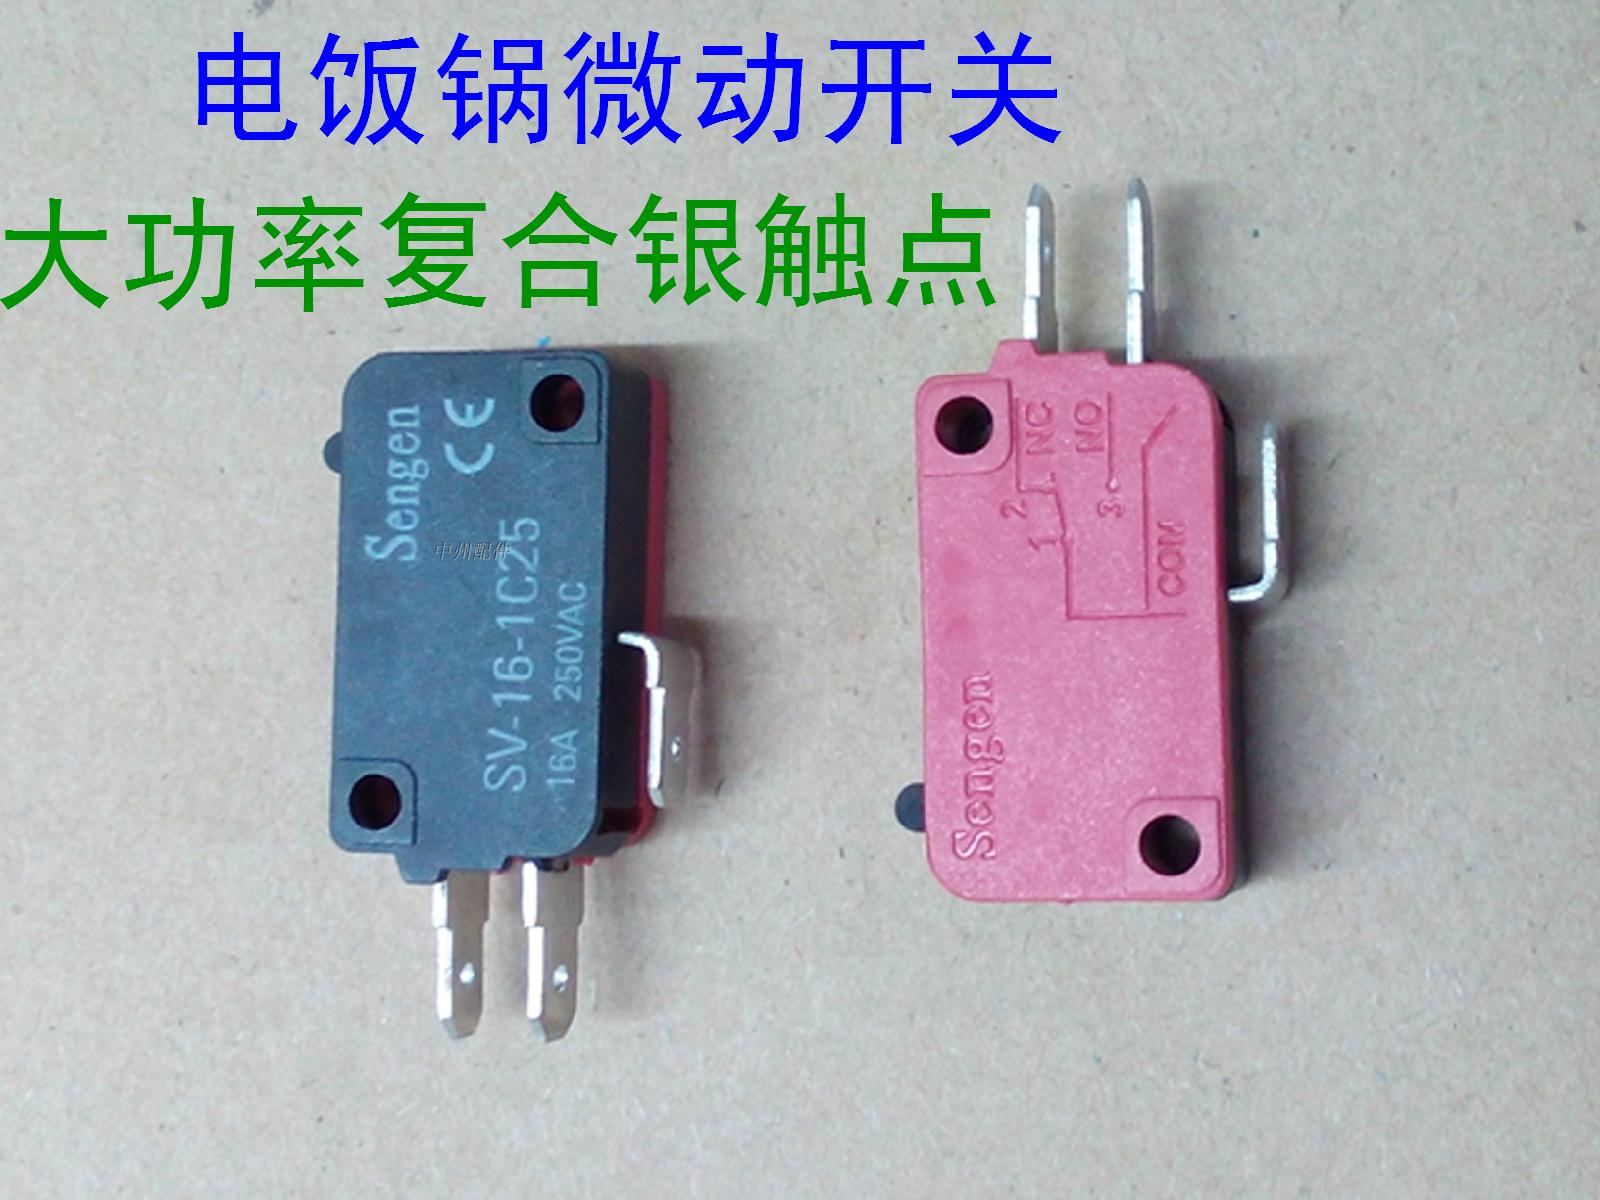 большой мощности автоклав микропереключатели автоклав контактный переключатель красоты автоклав переключатель комплекса серебряный контакт